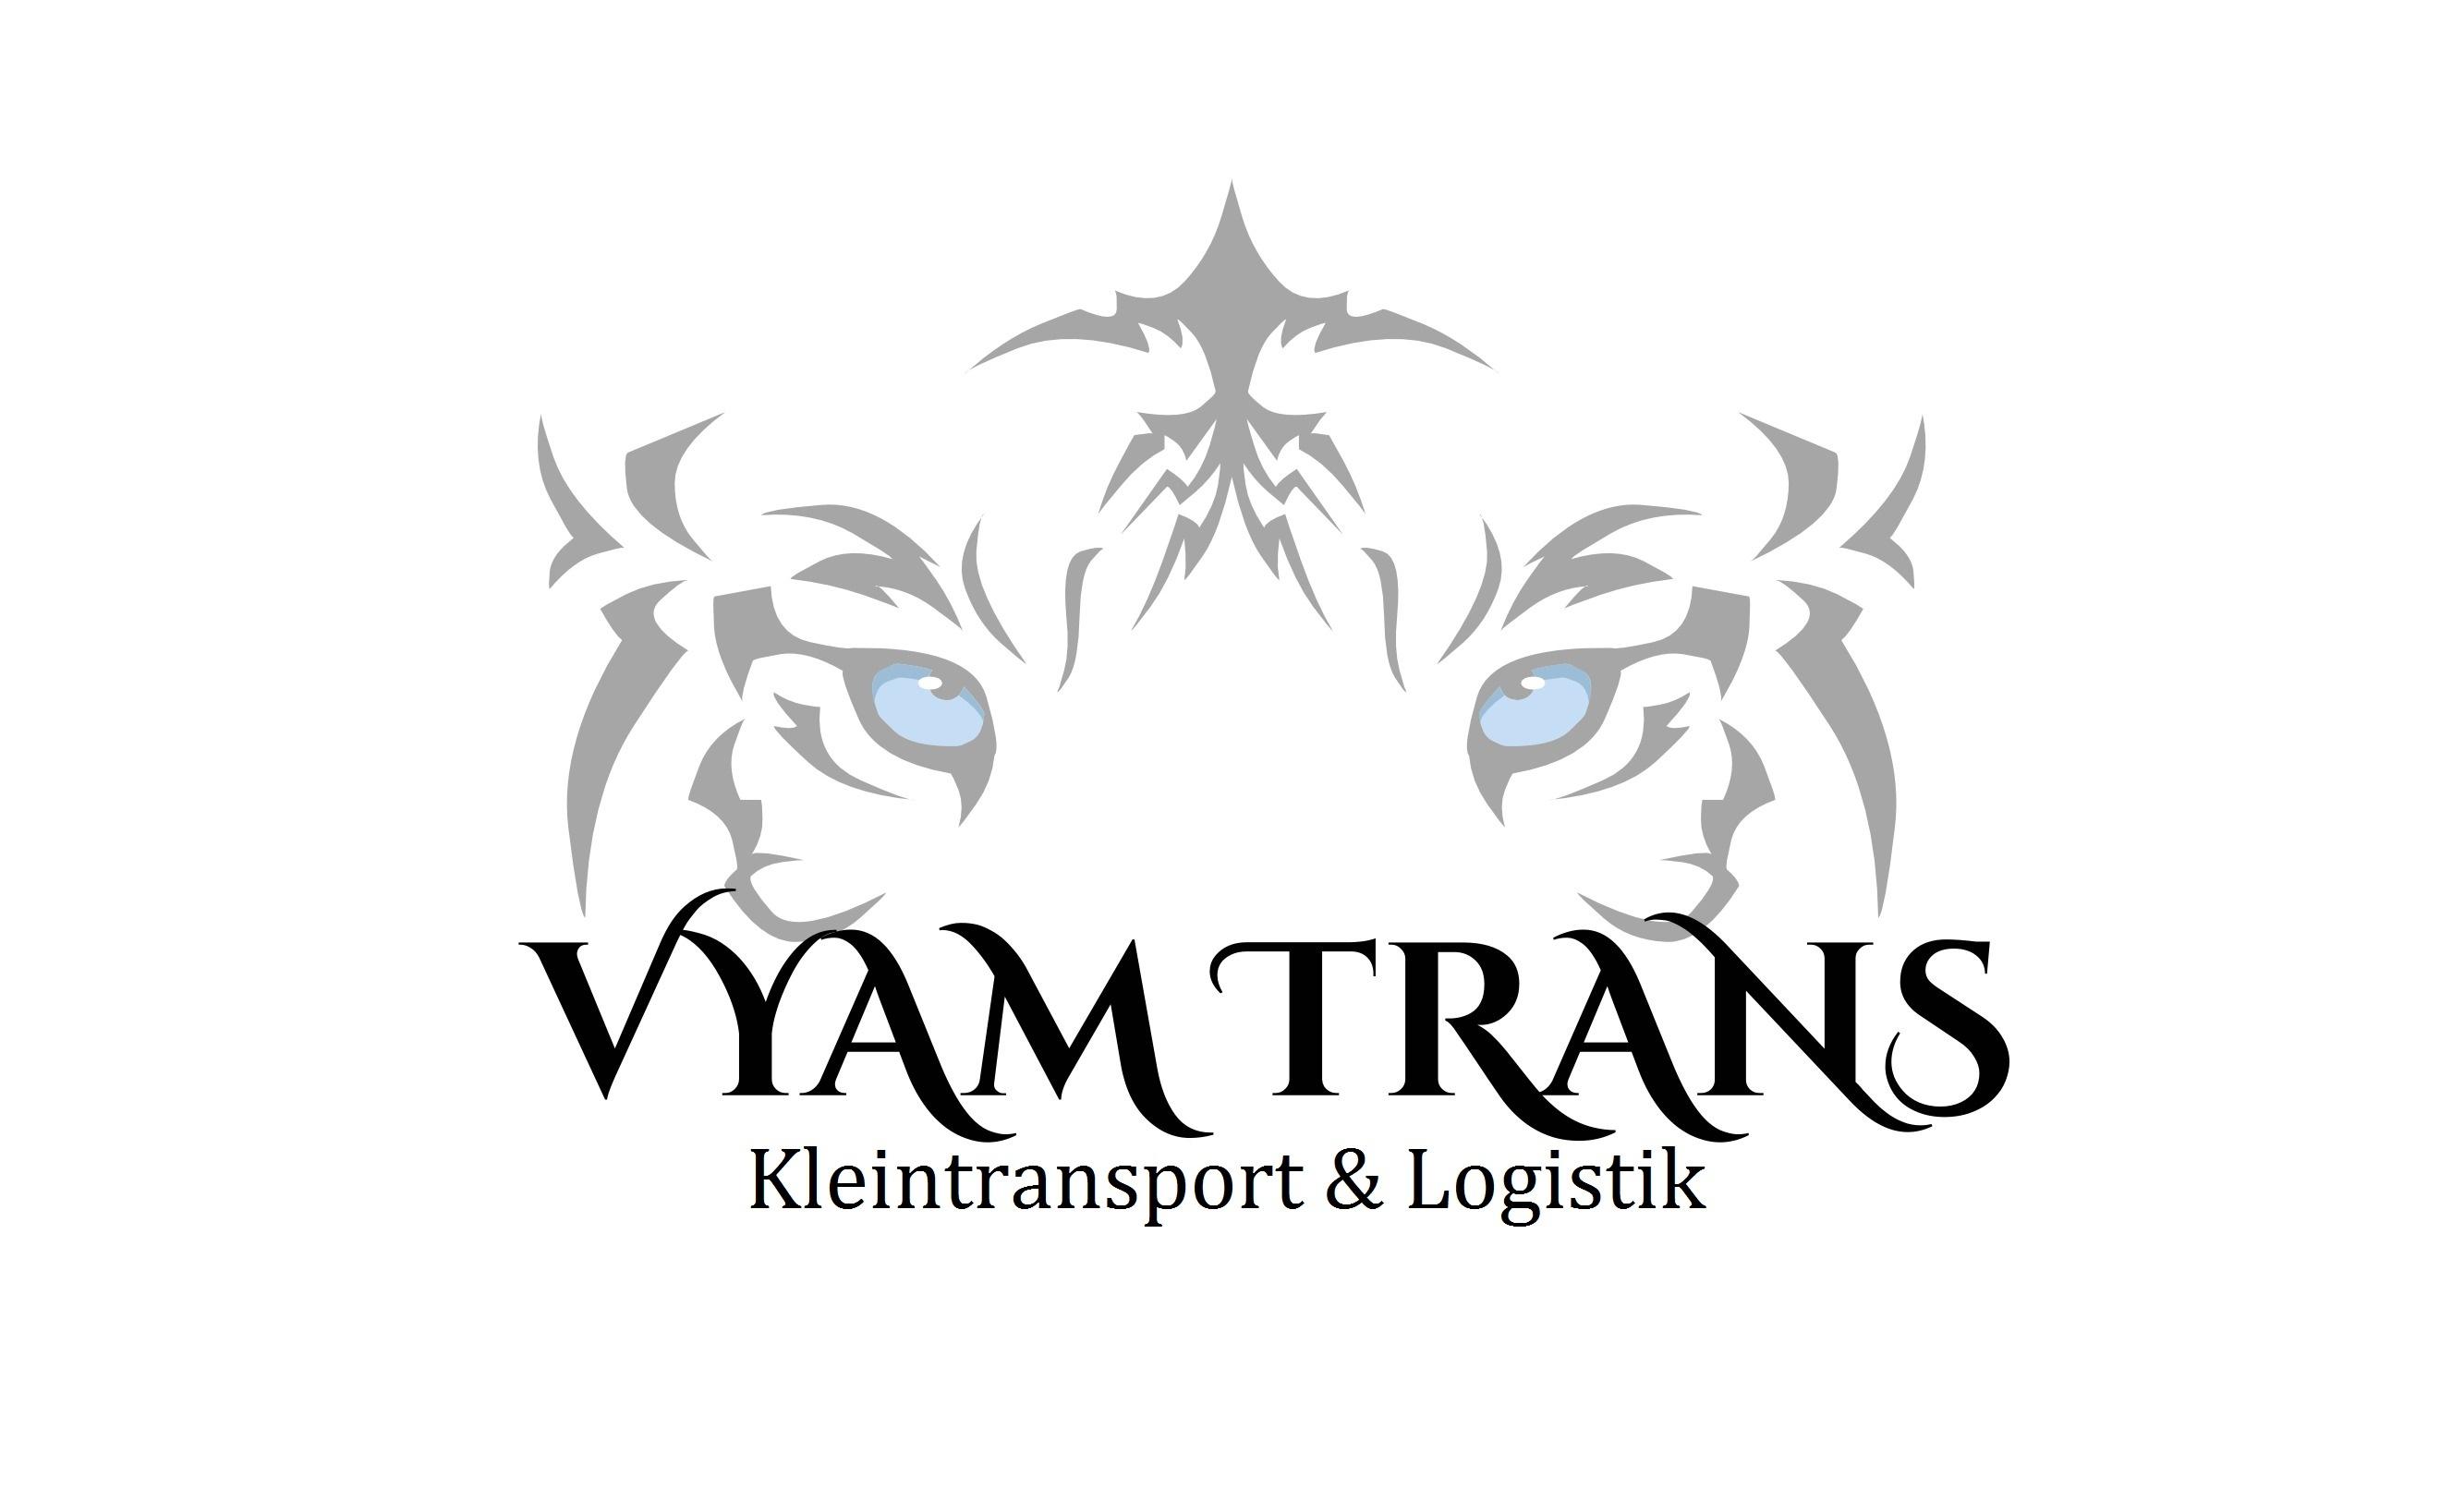 VYAM TRANS